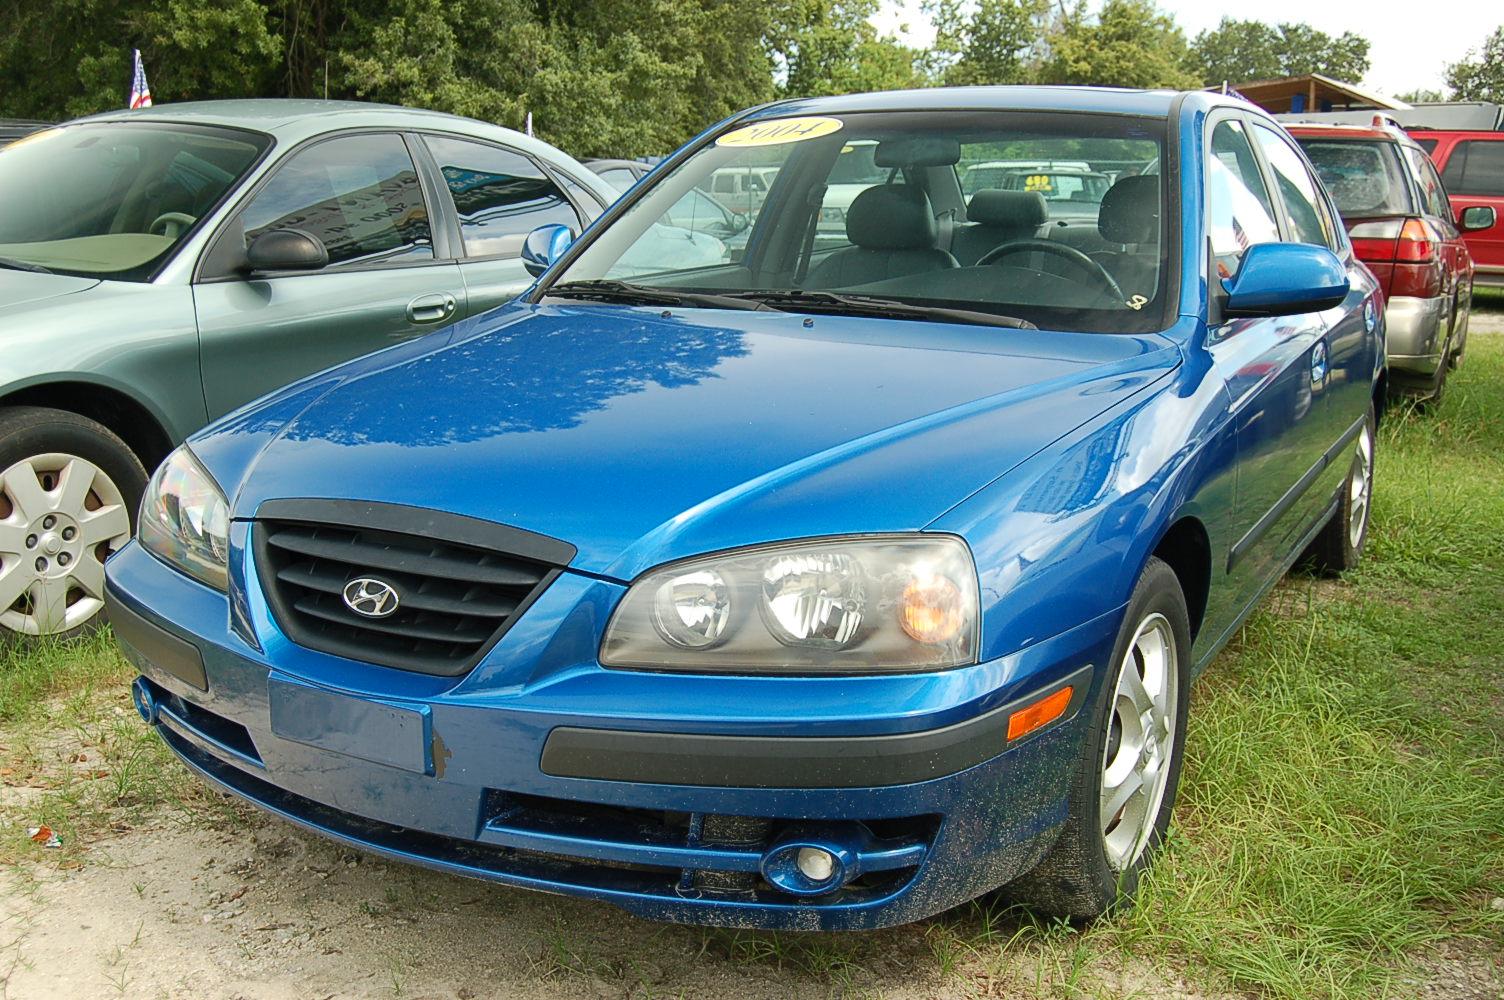 2004 Hyundai Elantra Pictures Cargurus